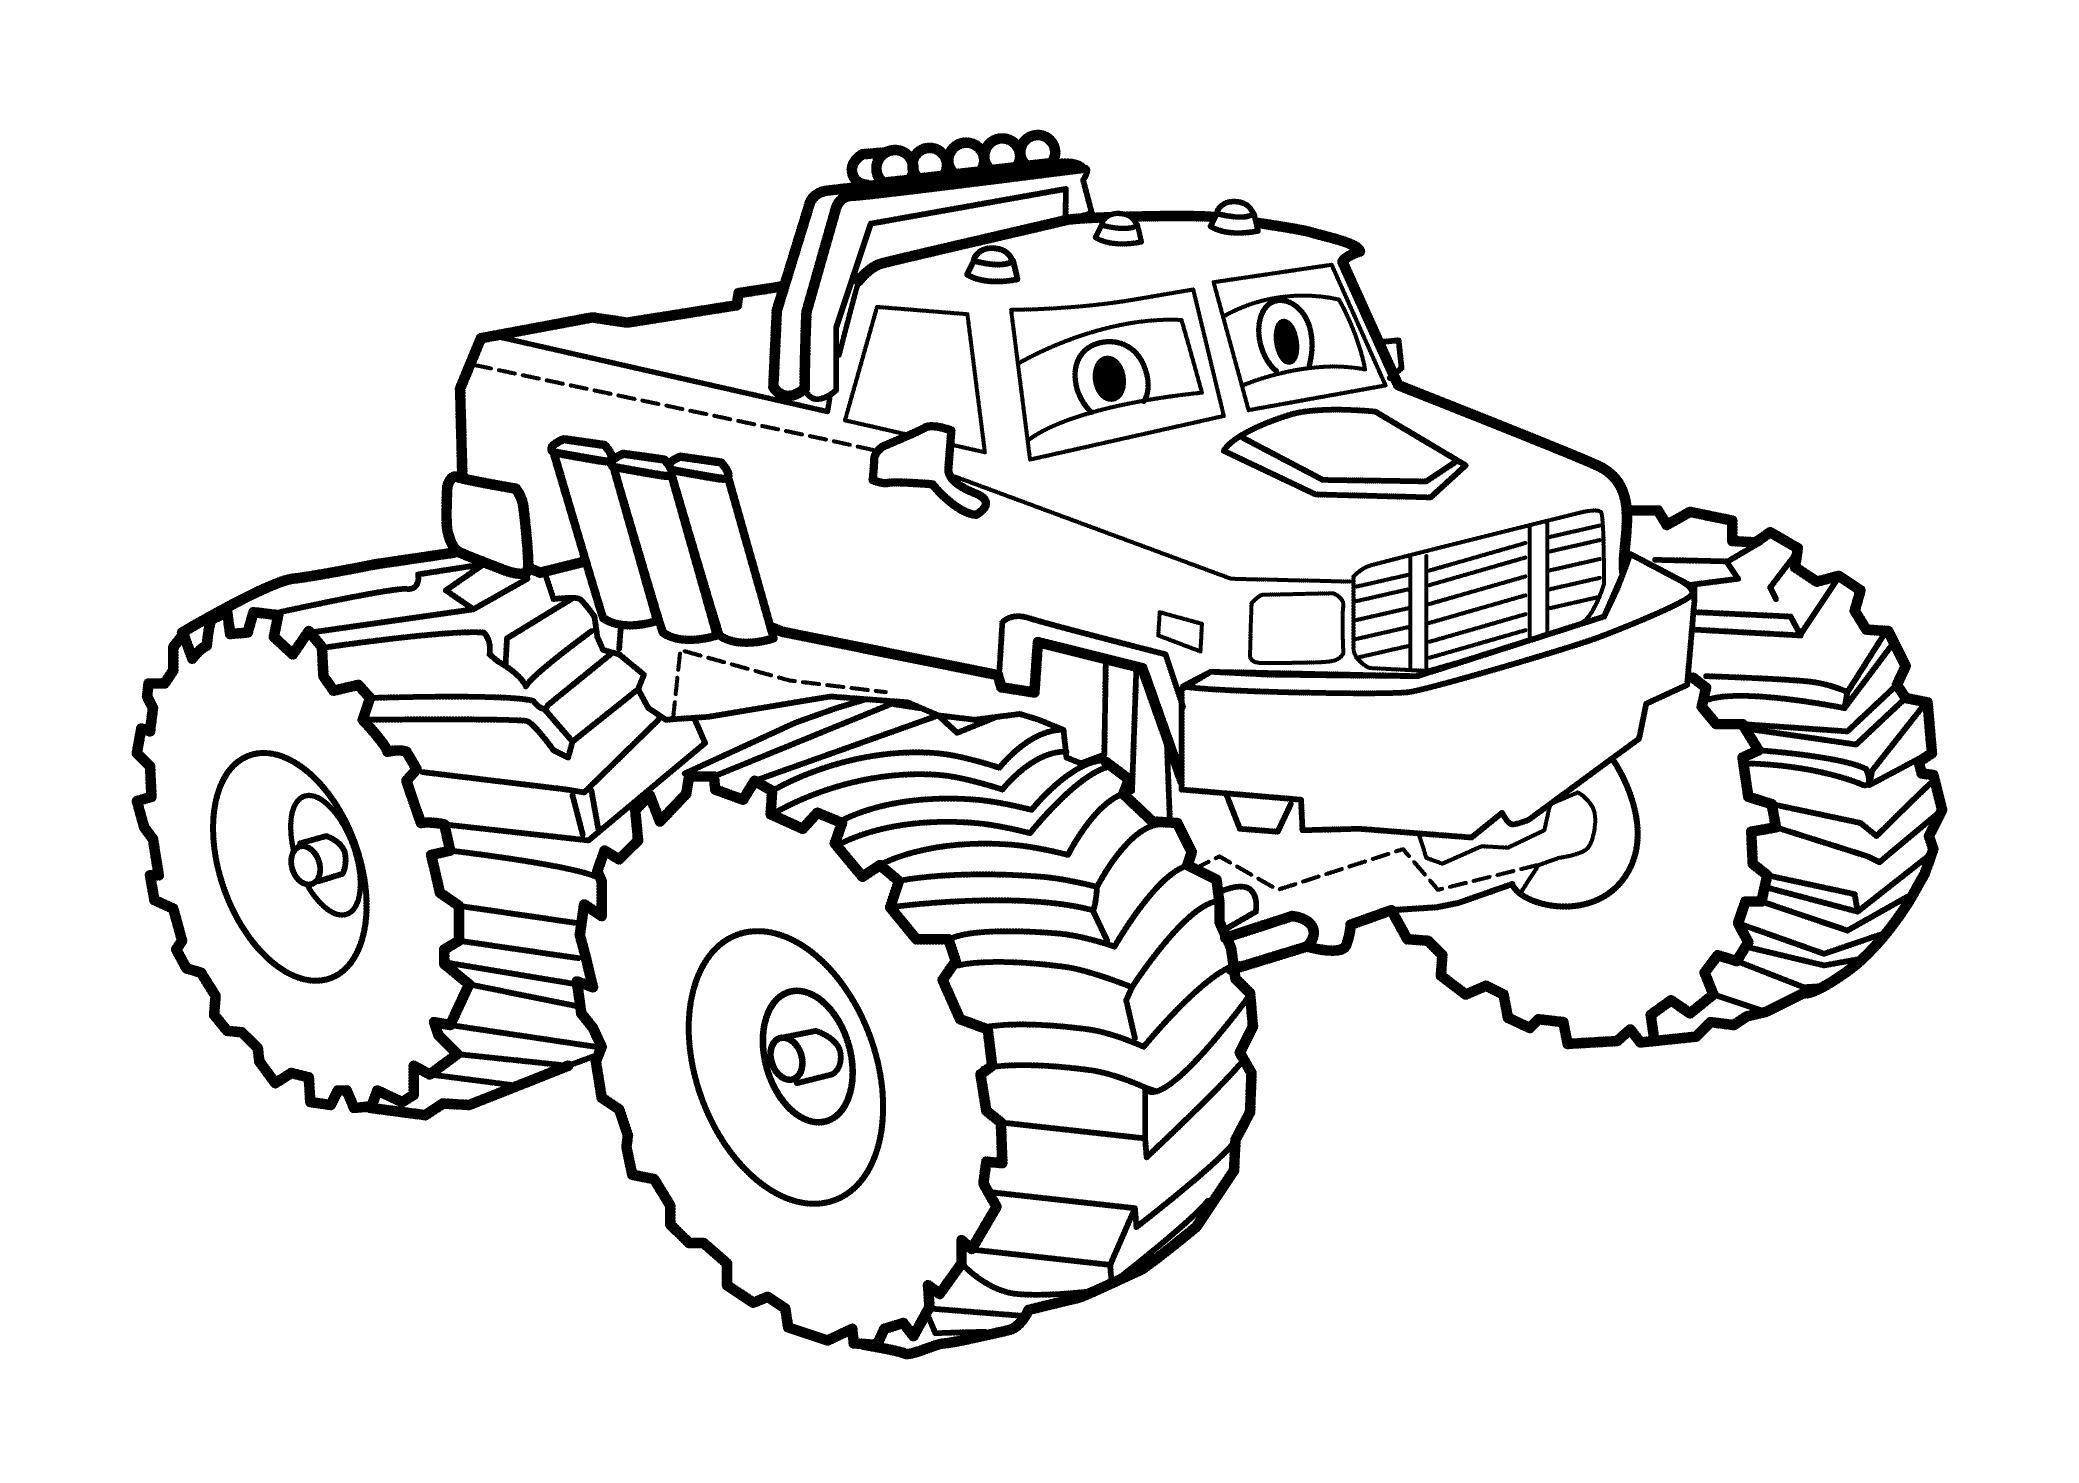 раскраски с джипом для детей                раскраски на тему джип для детей.  раскраски с джипом для мальчиков и девочек. Раскраски на тему джип